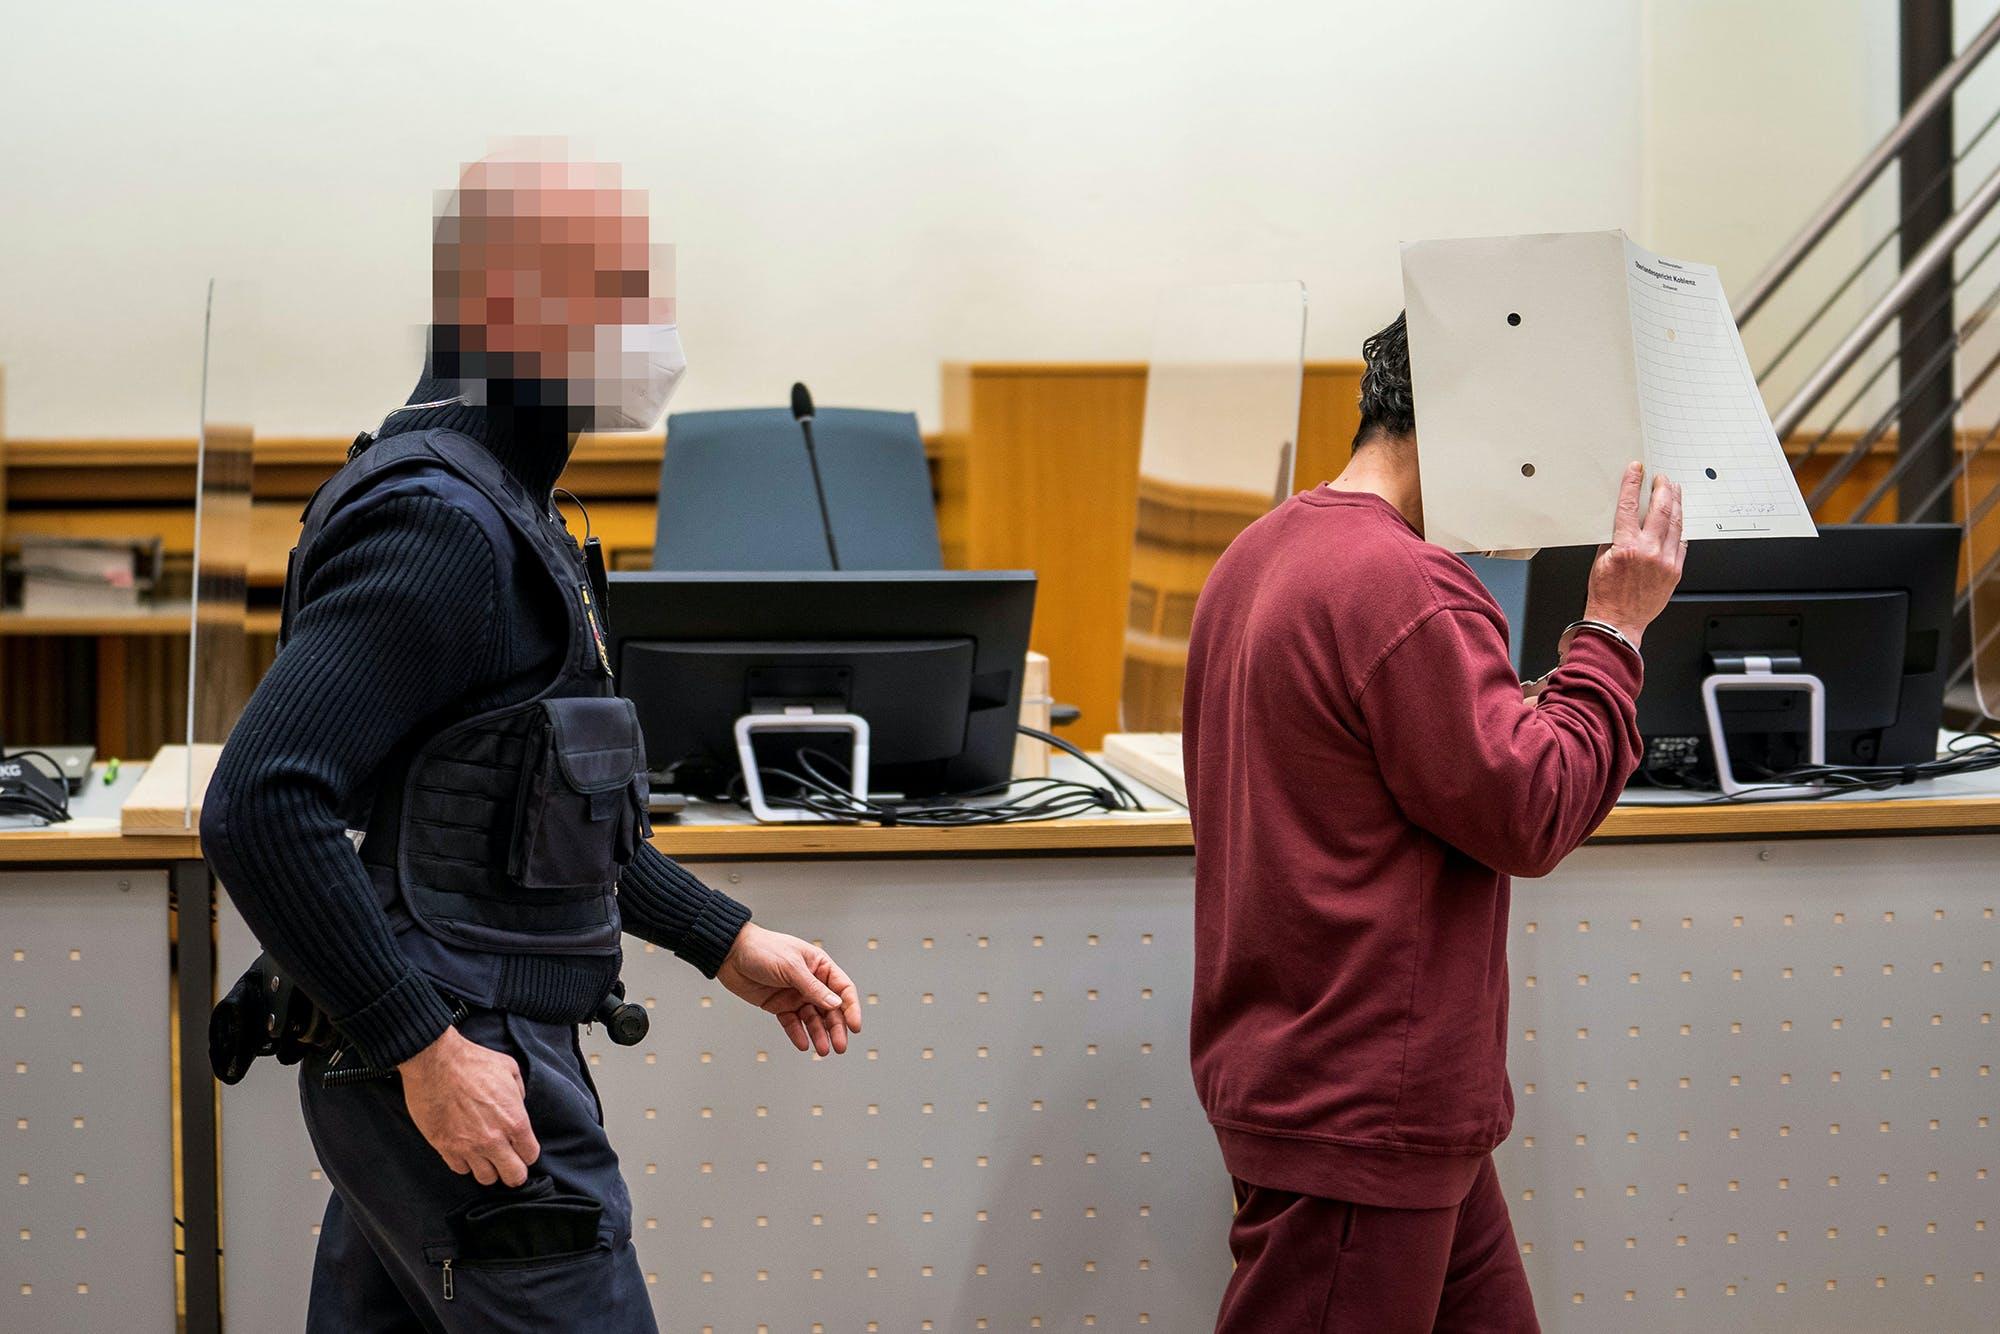 L'accusé syrien Eyad alGharib arrive pour entendre son verdict dans la salle du tribunal de Coblence, en Allemagne, le 24 février 2021